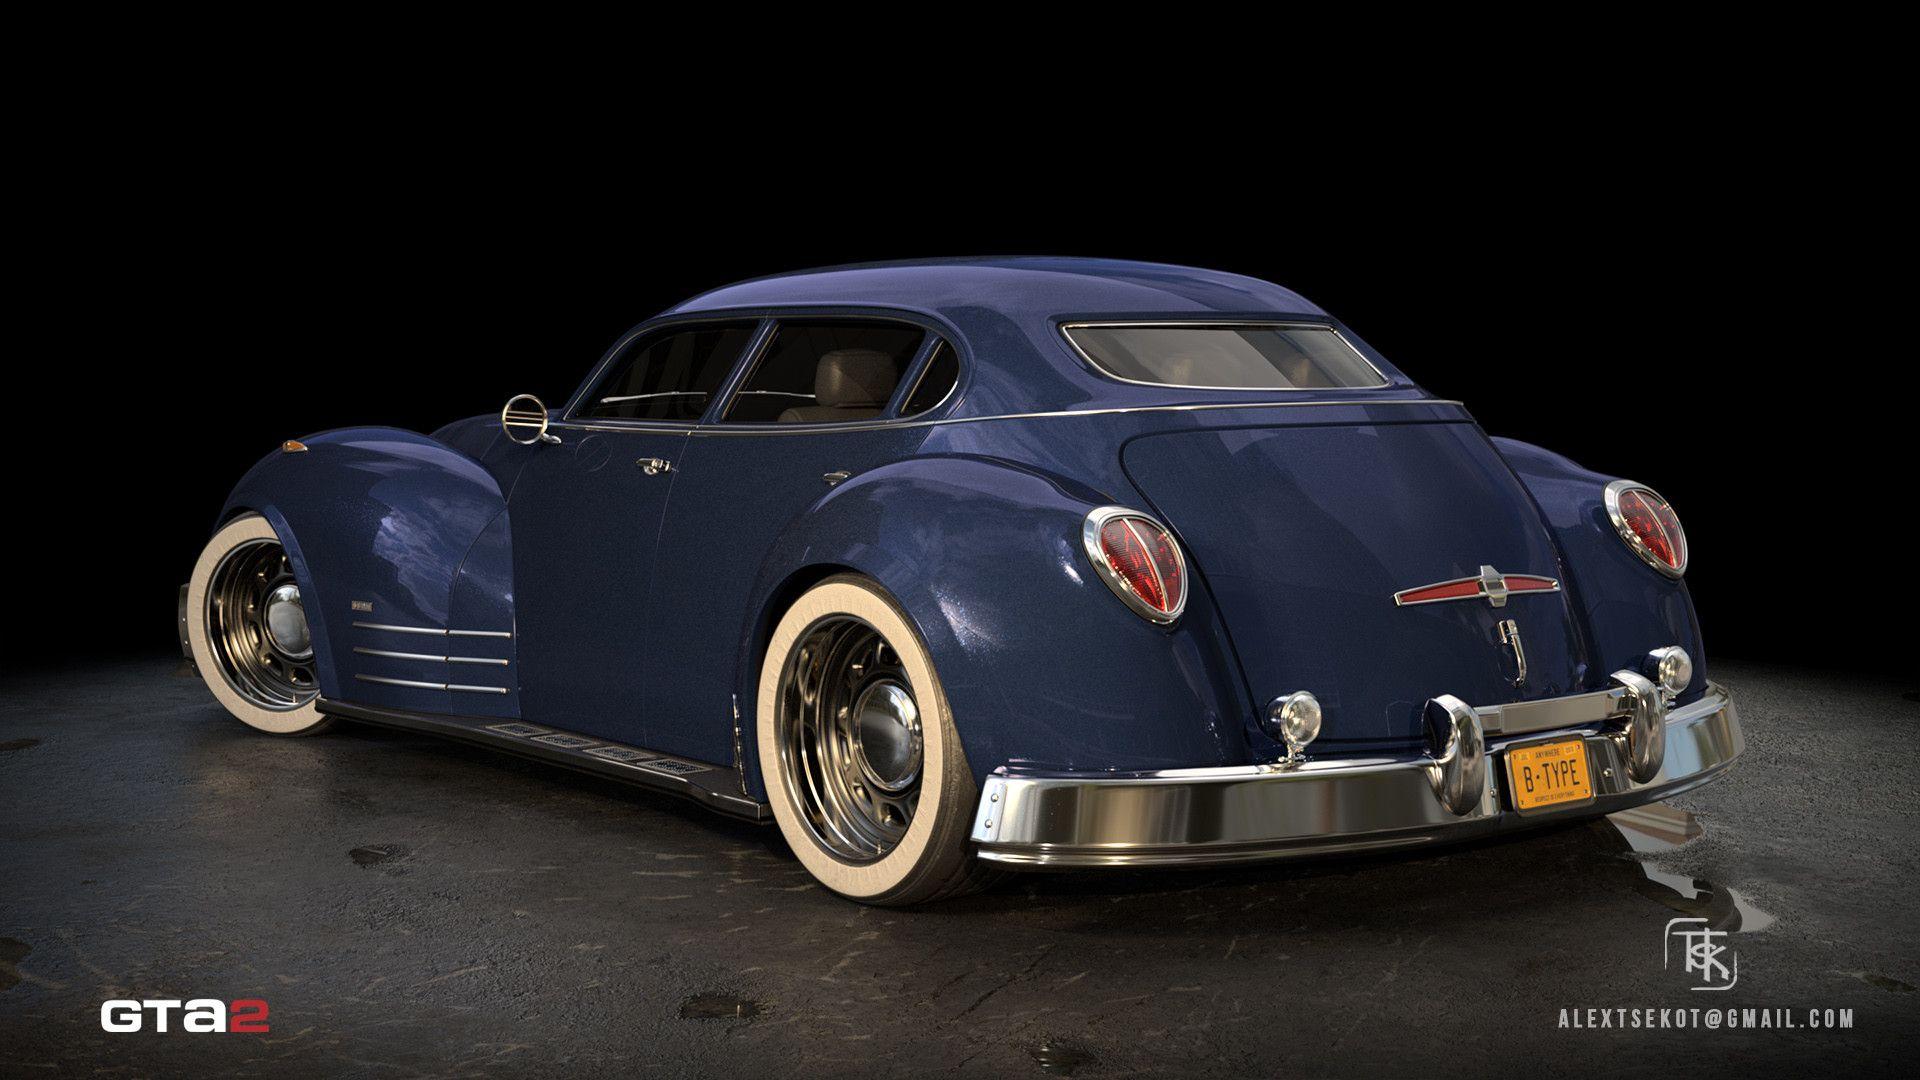 ArtStation GTA 2 BType, Alex Tsekot Concept cars